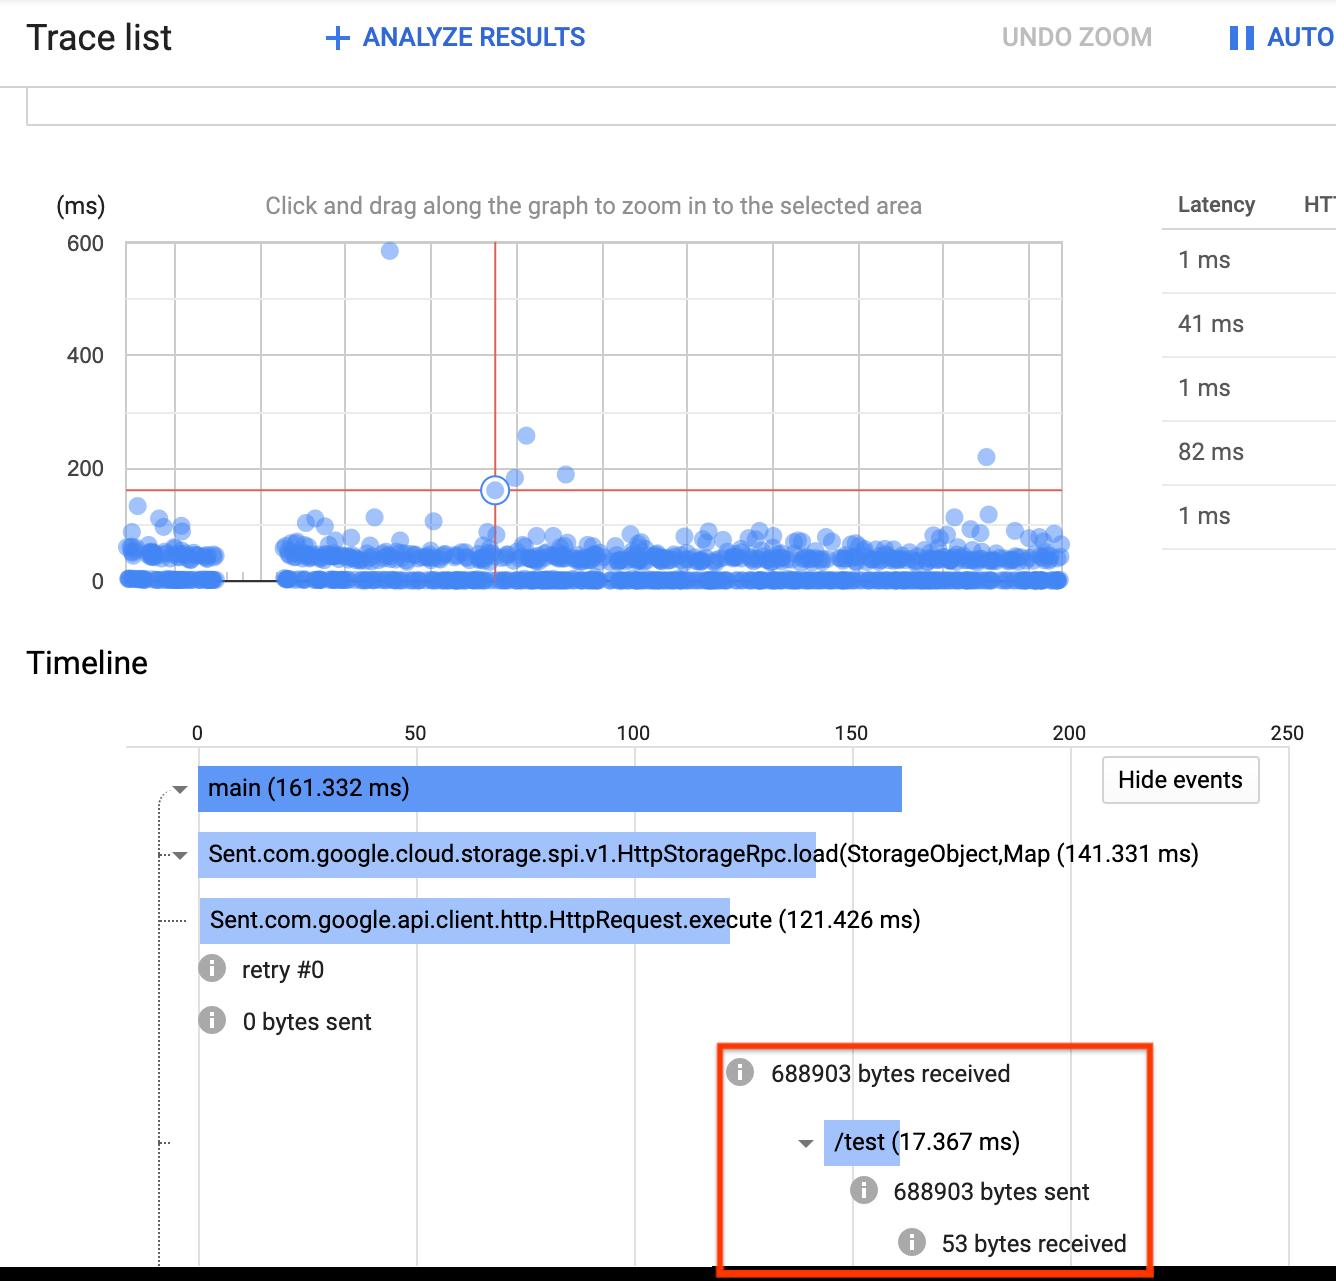 Lista de seguimientos en la que se muestran solicitudes de latencia más alta.